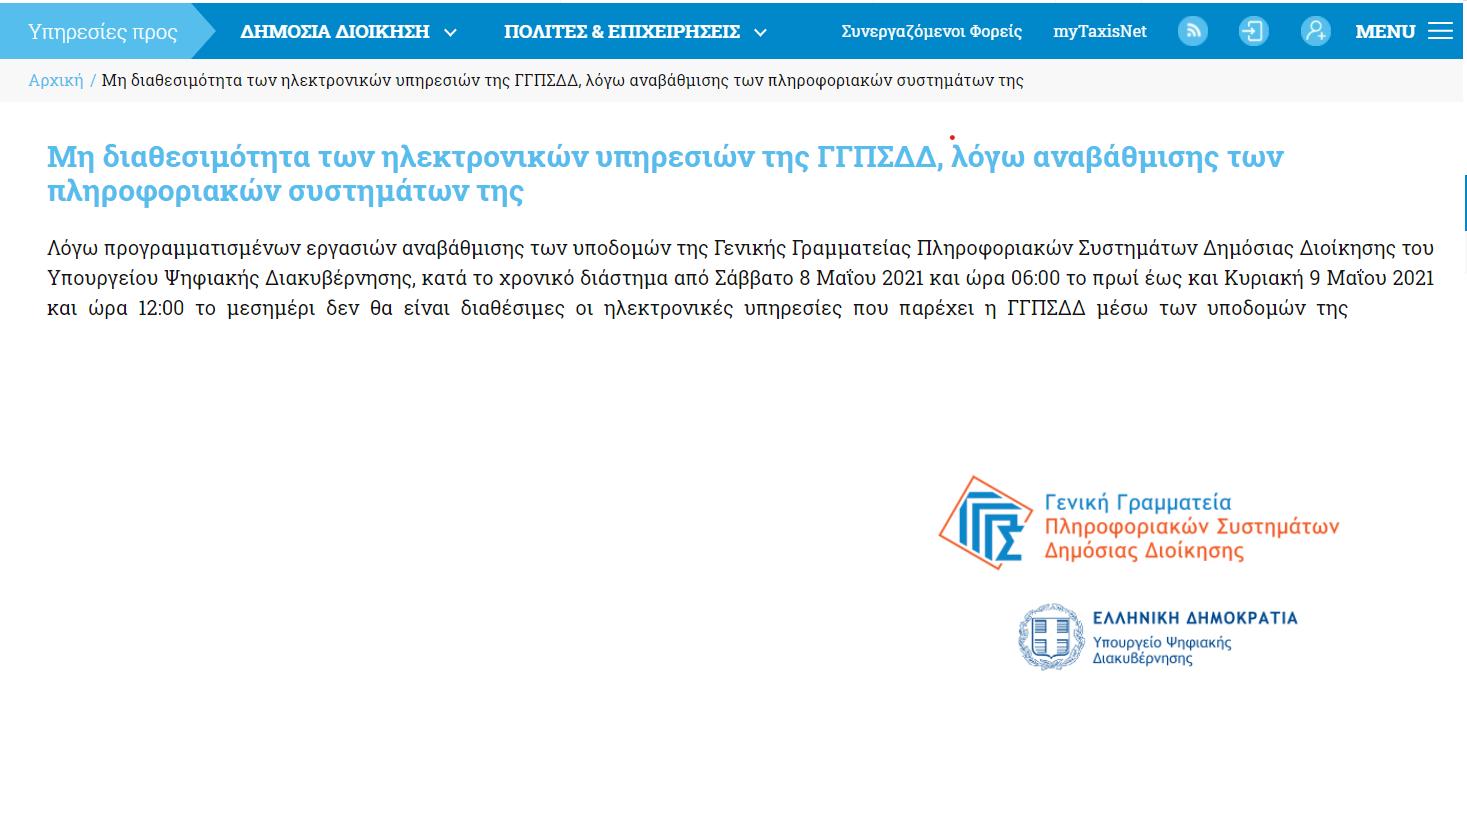 Μη διαθεσιμότητα των ηλεκτρονικών υπηρεσιών της ΓΓΠΣΔΔ (από Σάββατο 8 Μαΐου 2021 και ώρα 06:00 το πρωί έως και Κυριακή 9 Μαΐου 2021 και ώρα 12:00)